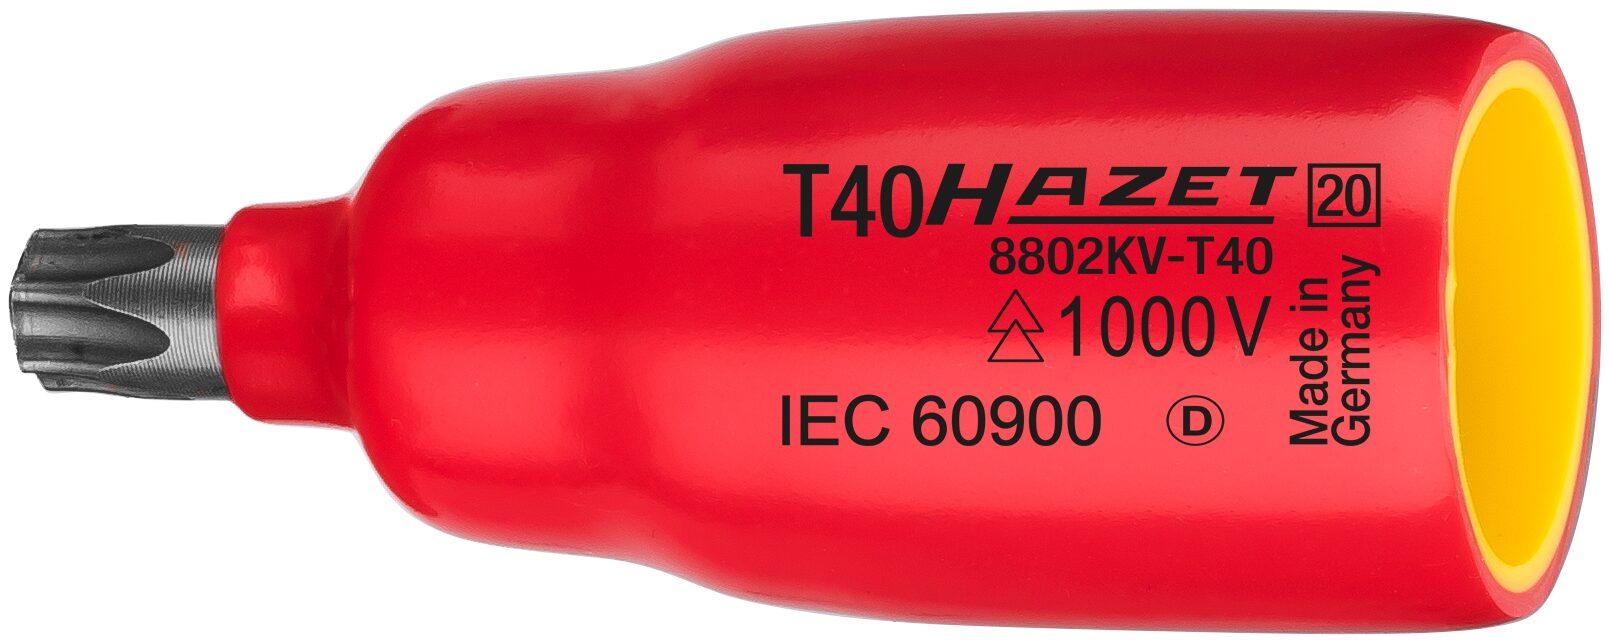 HAZET Schraubendreher-Steckschlüsseleinsatz 8802KV-T25 ∙ Vierkant hohl 10 mm (3/8 Zoll) ∙ Innen TORX® Profil ∙ T25